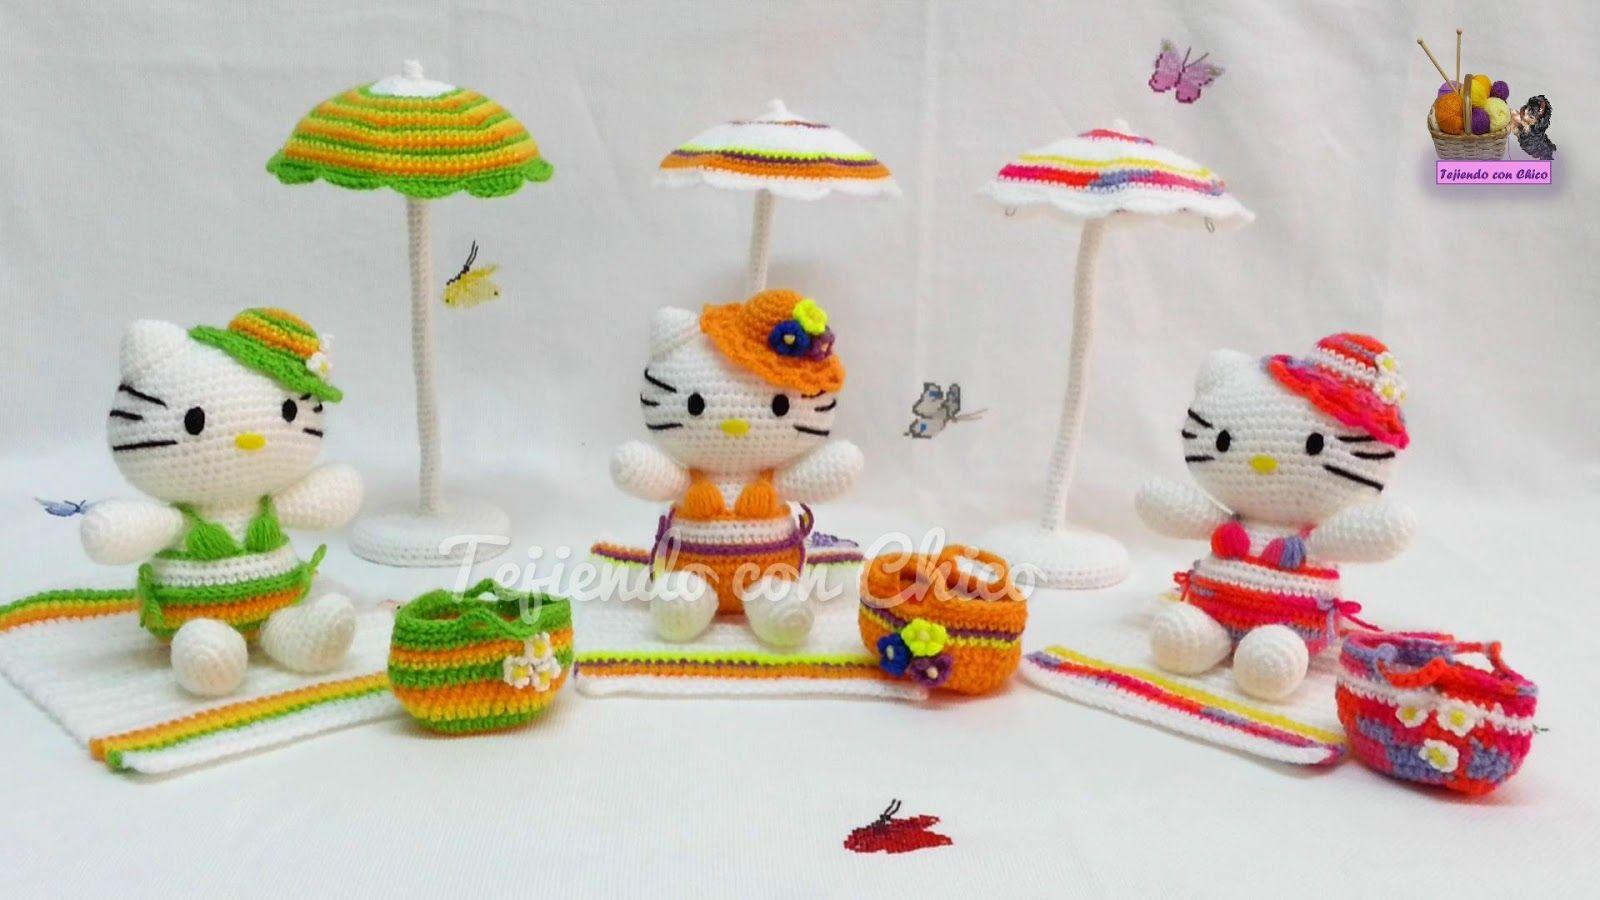 Amigurumi Patterns Sanrio Free : Amigurumi amigurumi toys amigurumi pattern amigurumi free pattern